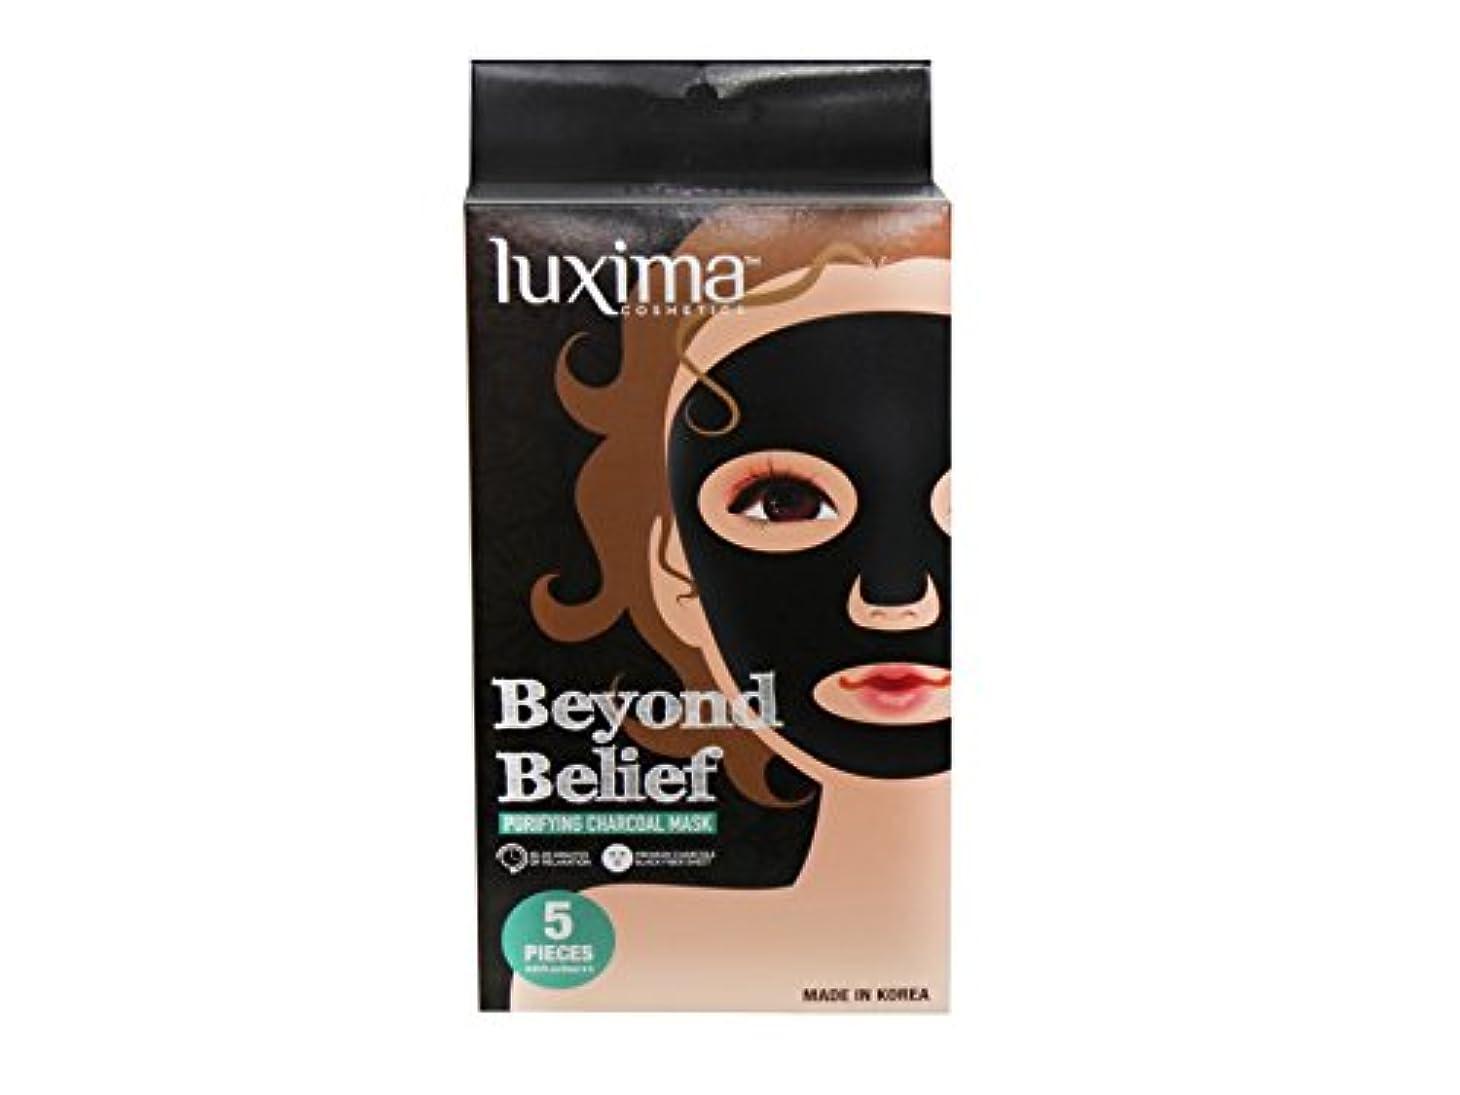 フルーツショルダー感謝祭LUXIMA Beyond Belief Purifying Charcoal Mask, Pack of 5 (並行輸入品)